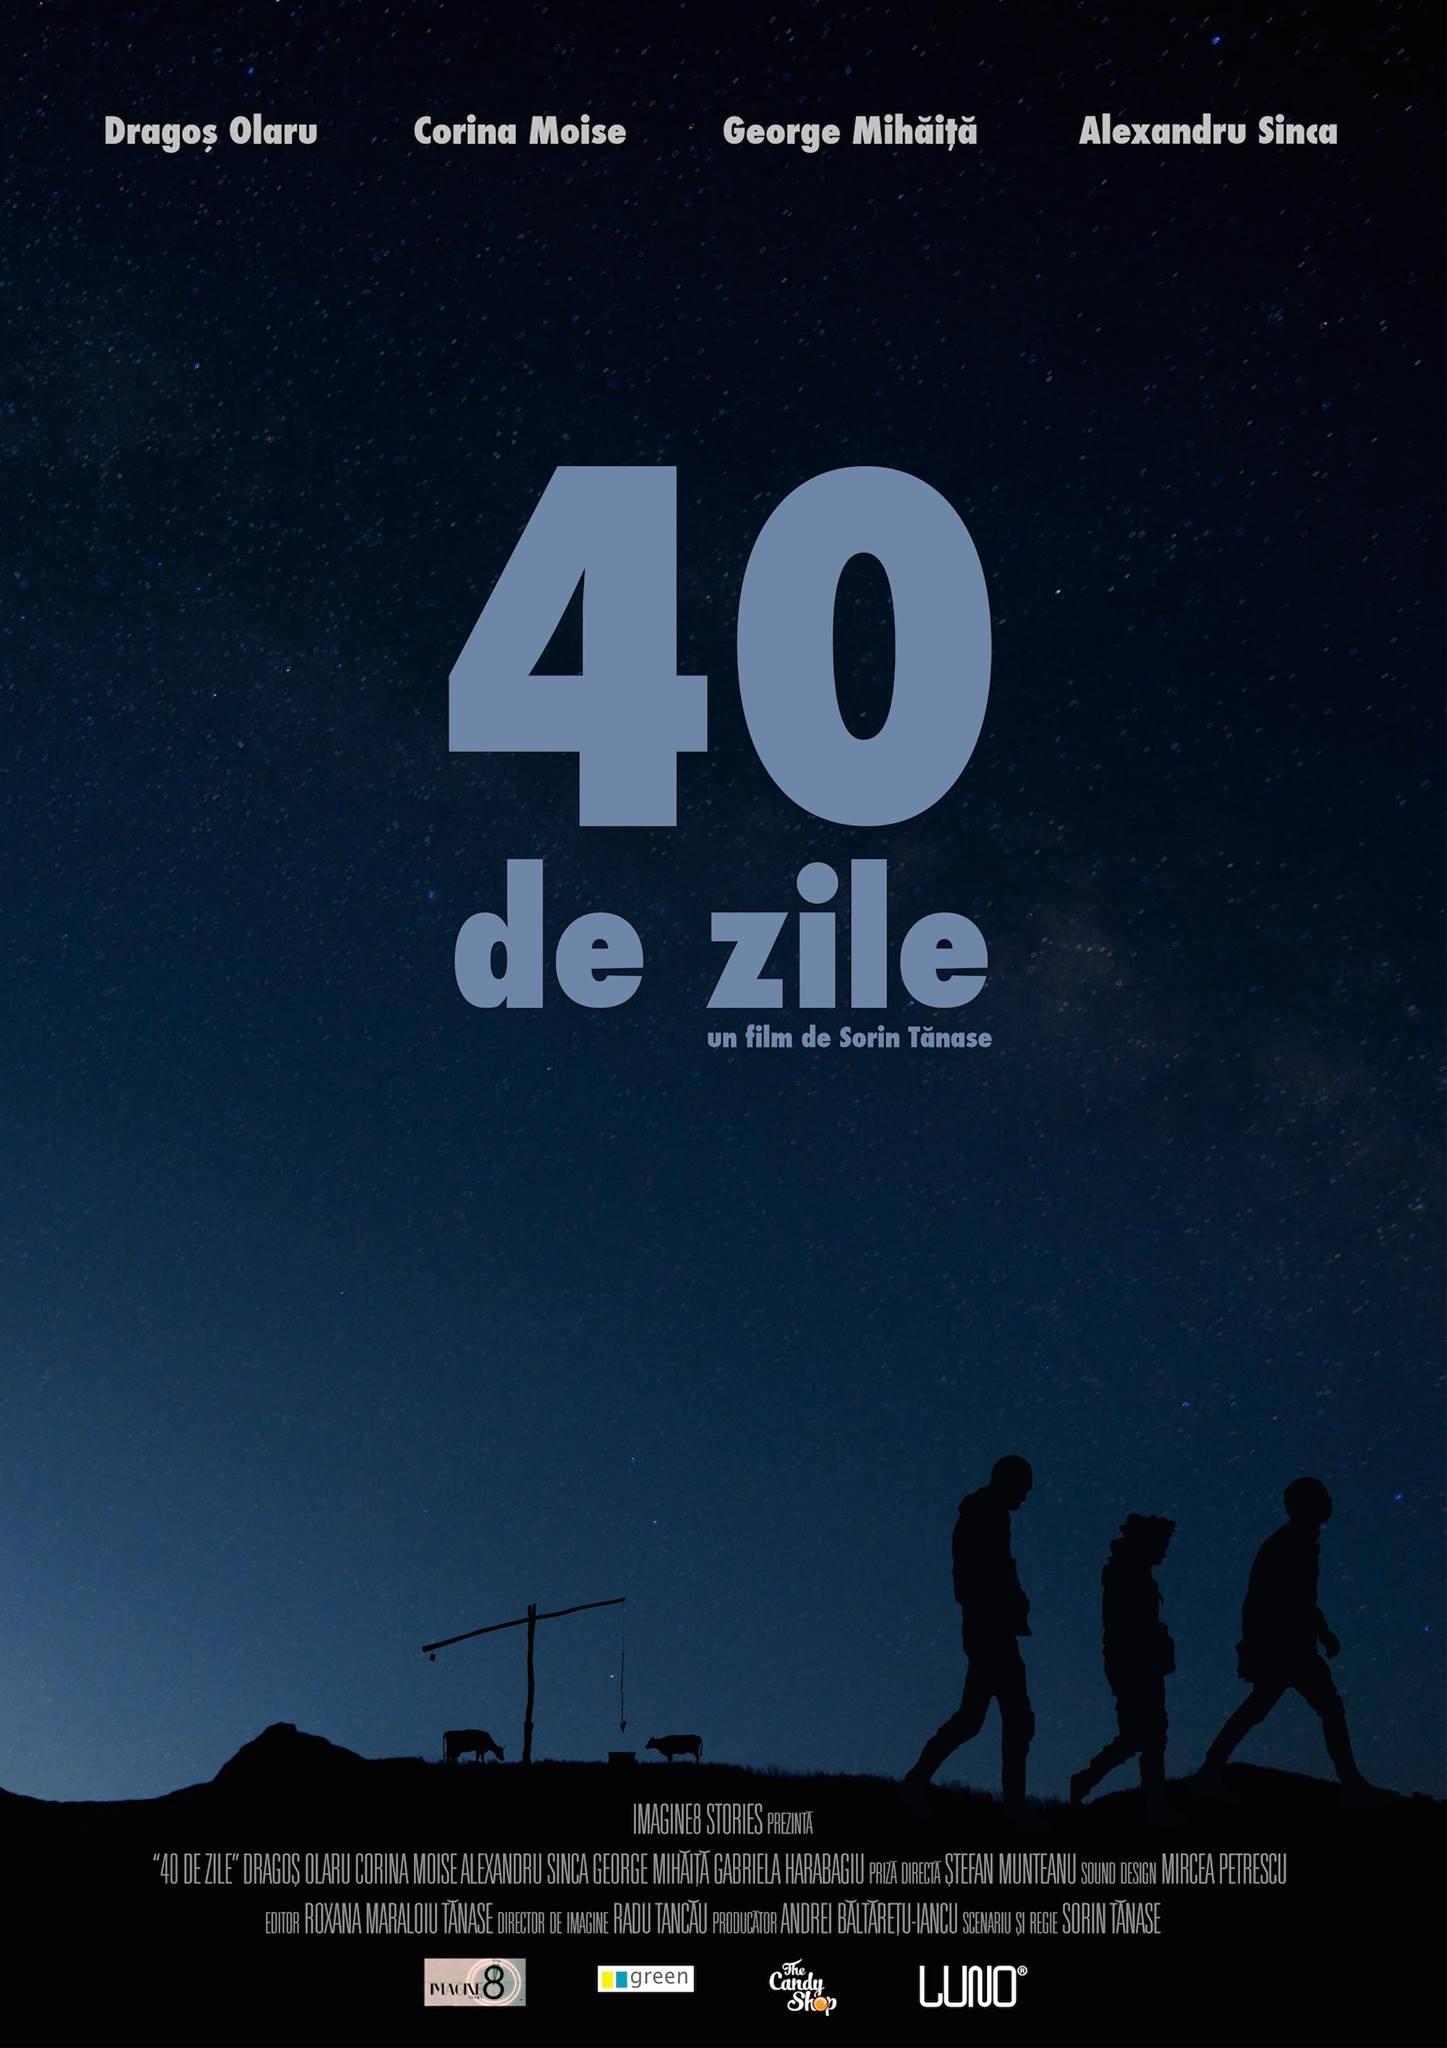 40 de zile (2016) - Photo